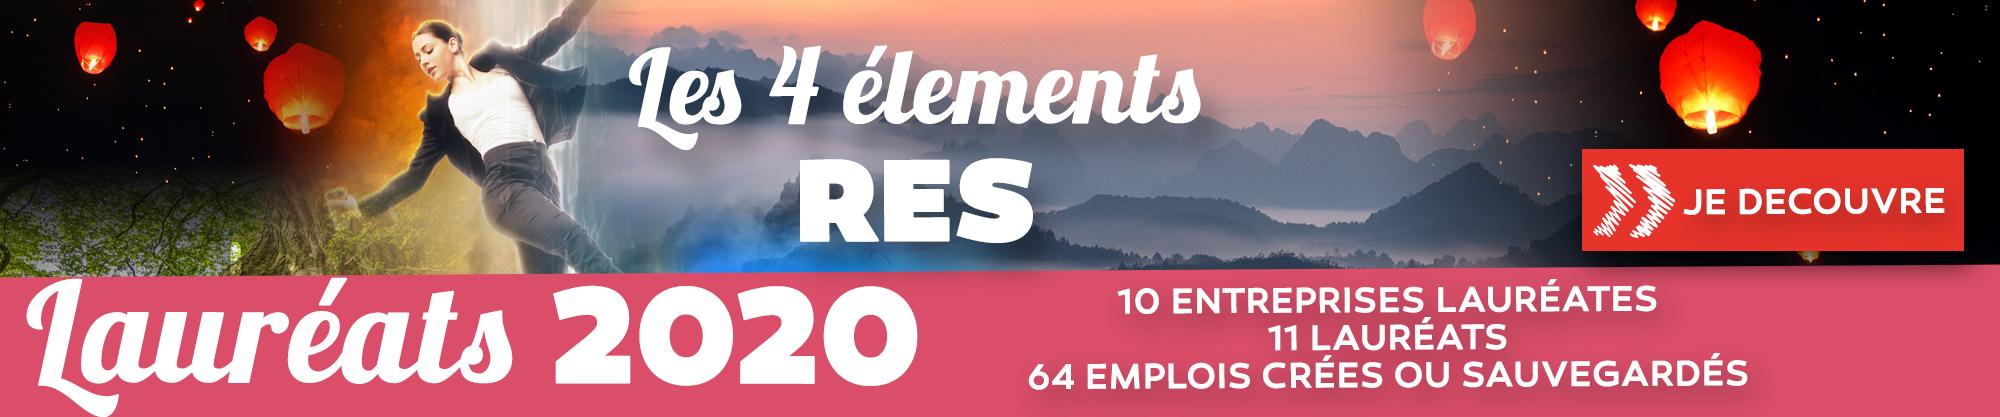 bandeau-4-elements-res